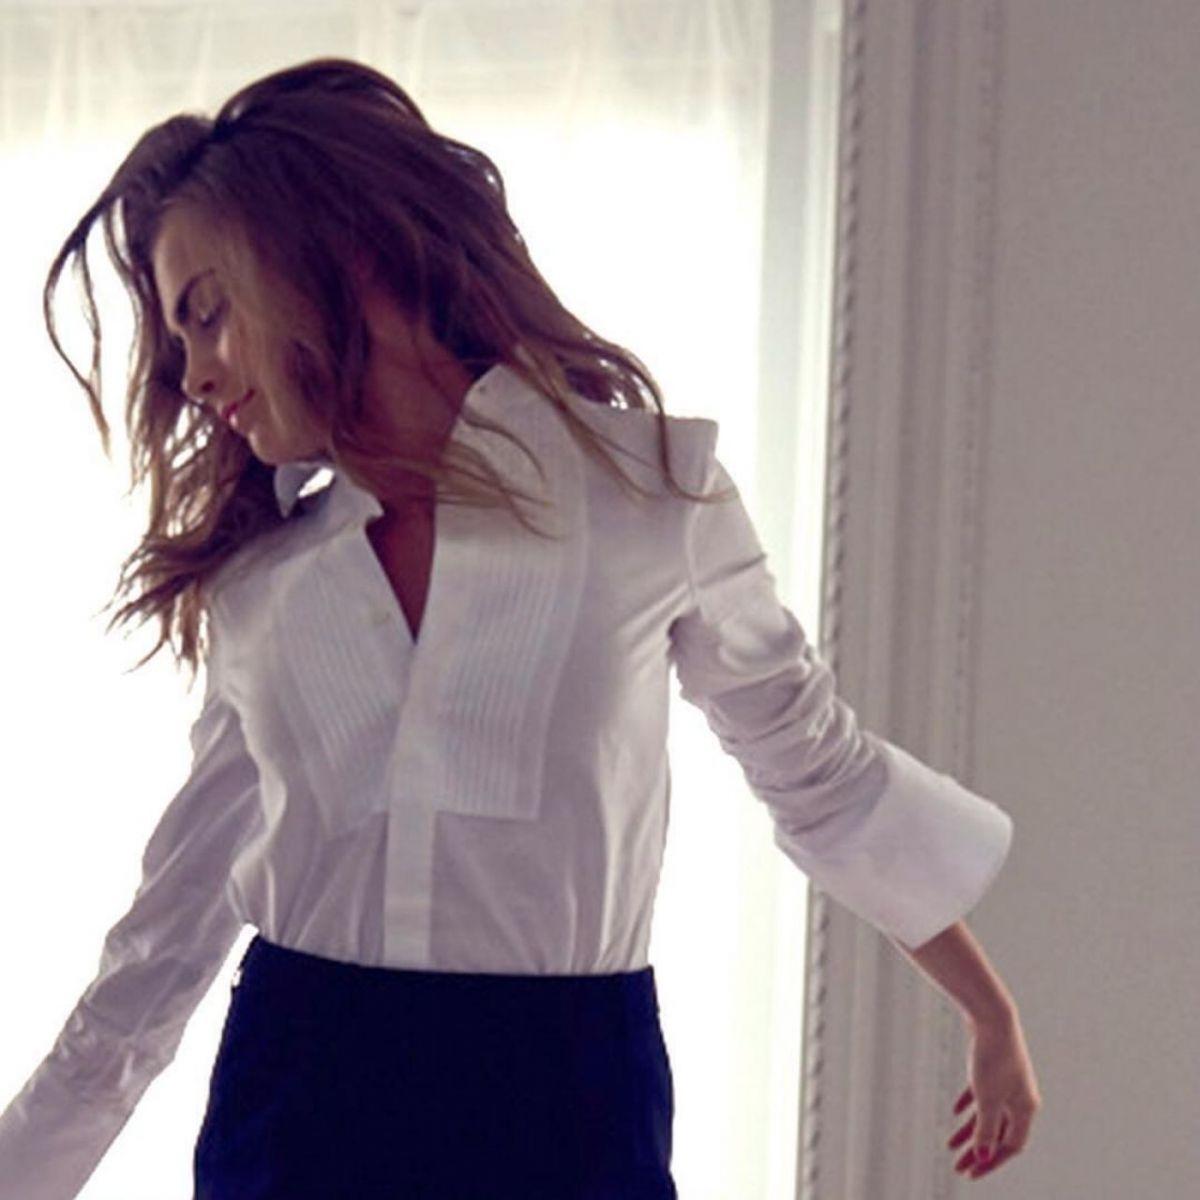 Кокетка: Кара Делевинь представляет новую коллекцию помад Yves Saint Laurent Rouge Volupte Shine